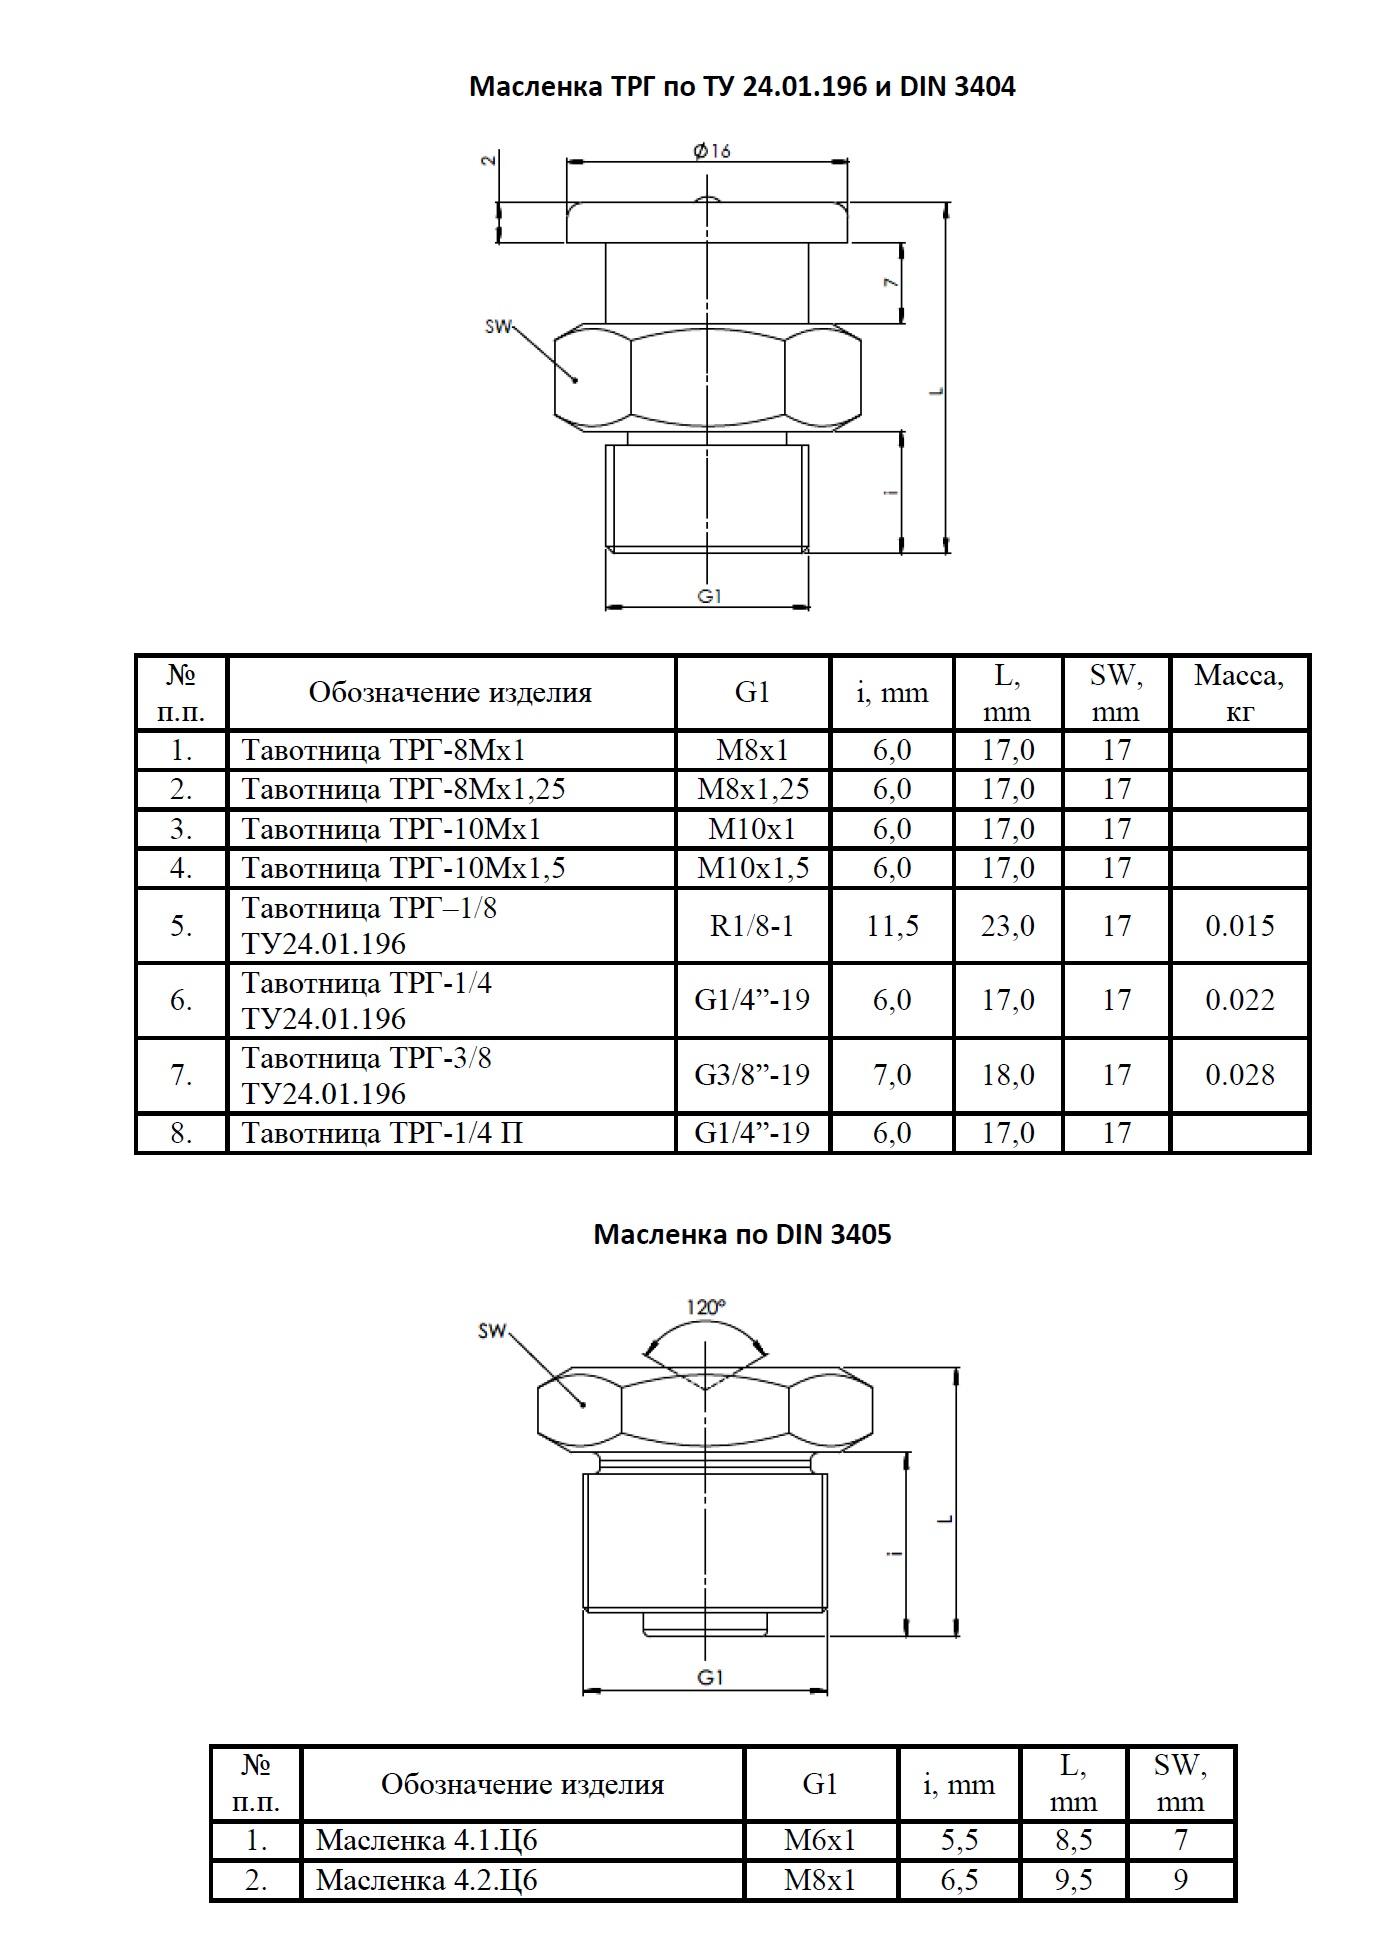 Тавотницы и пресс-масленки всех видов и размеров производство по ГОСТ и DIN